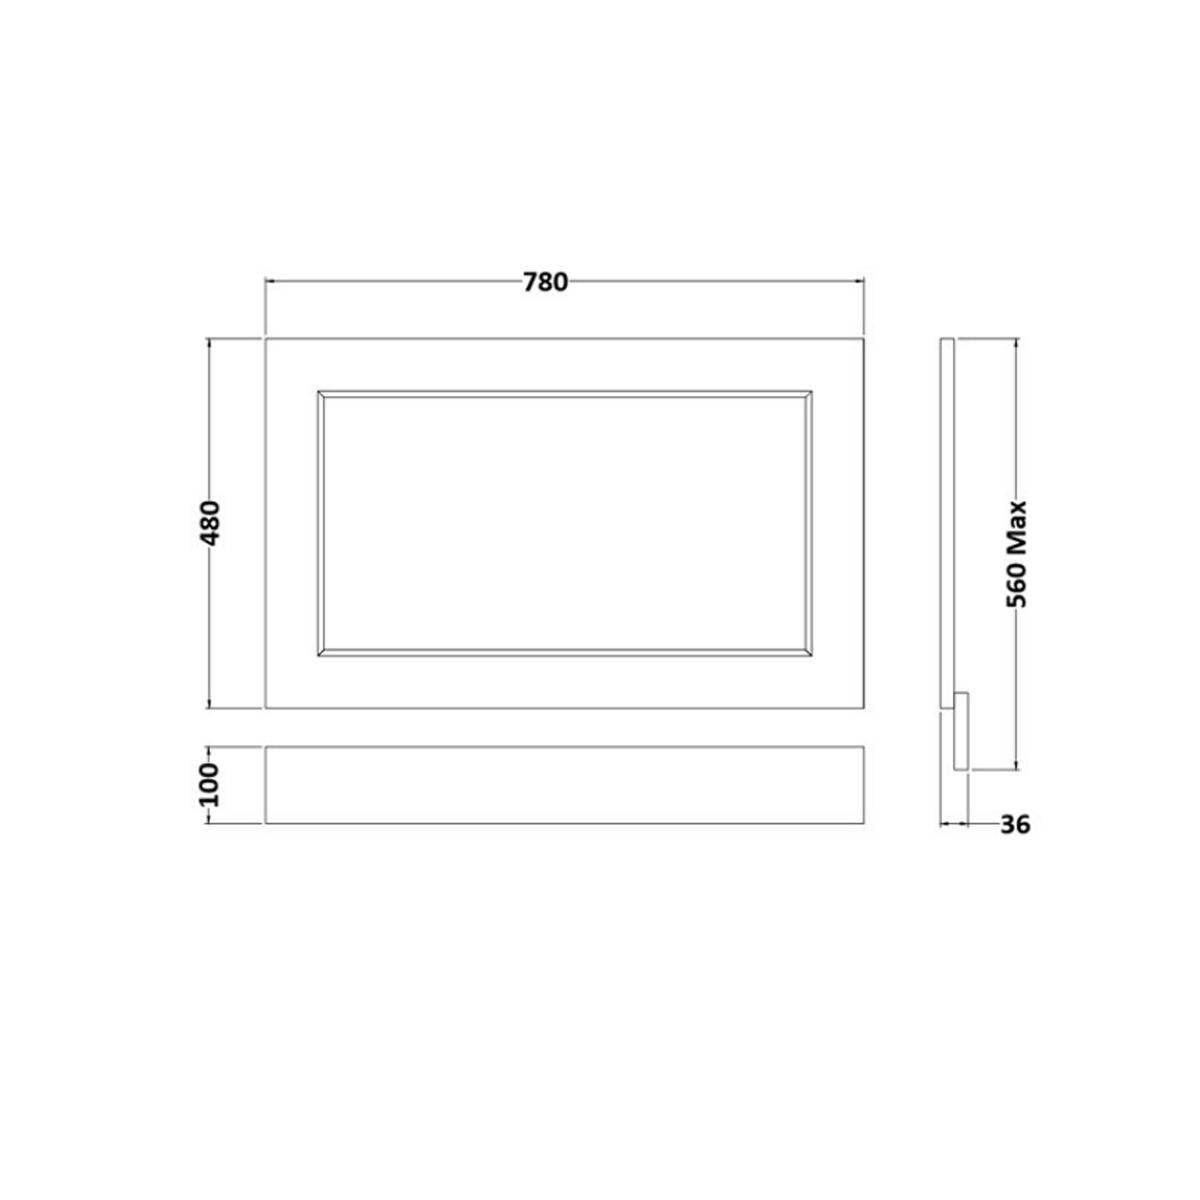 RAK Washington White End Bath Panel 800mm Measurements